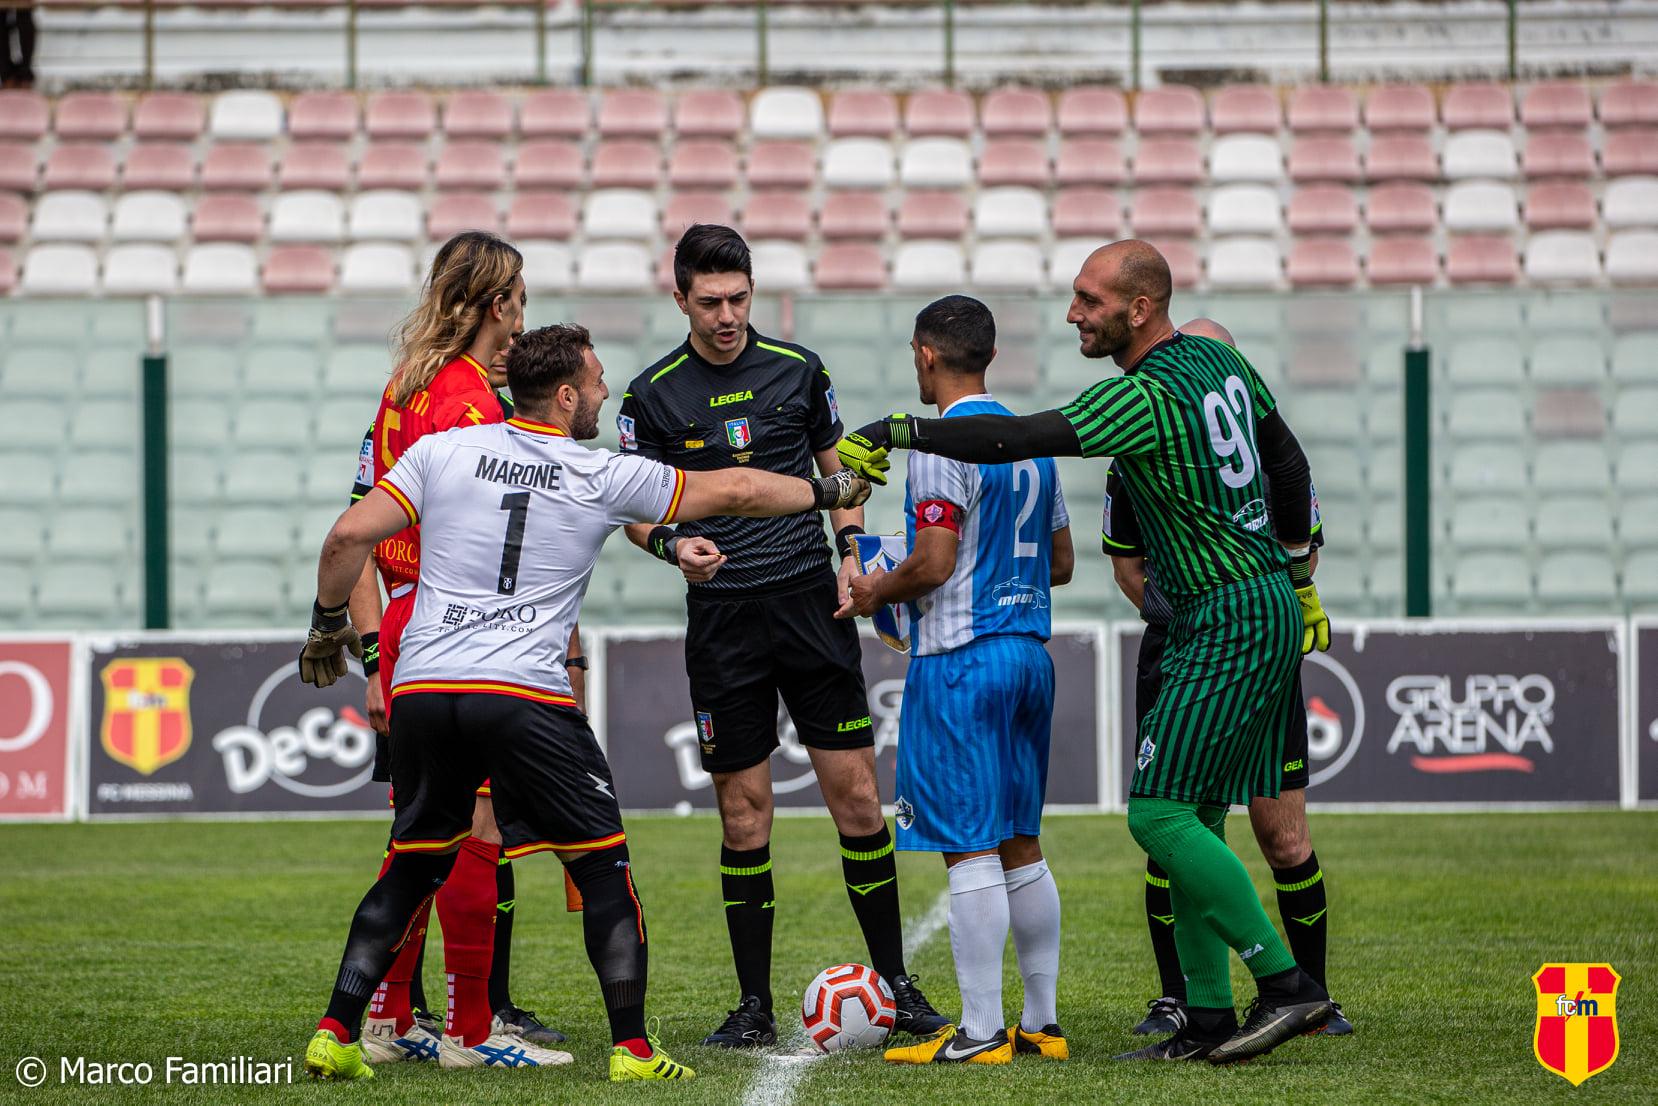 La capolista ACR Messina chiama, FC Messina e Gelbison rispondono.